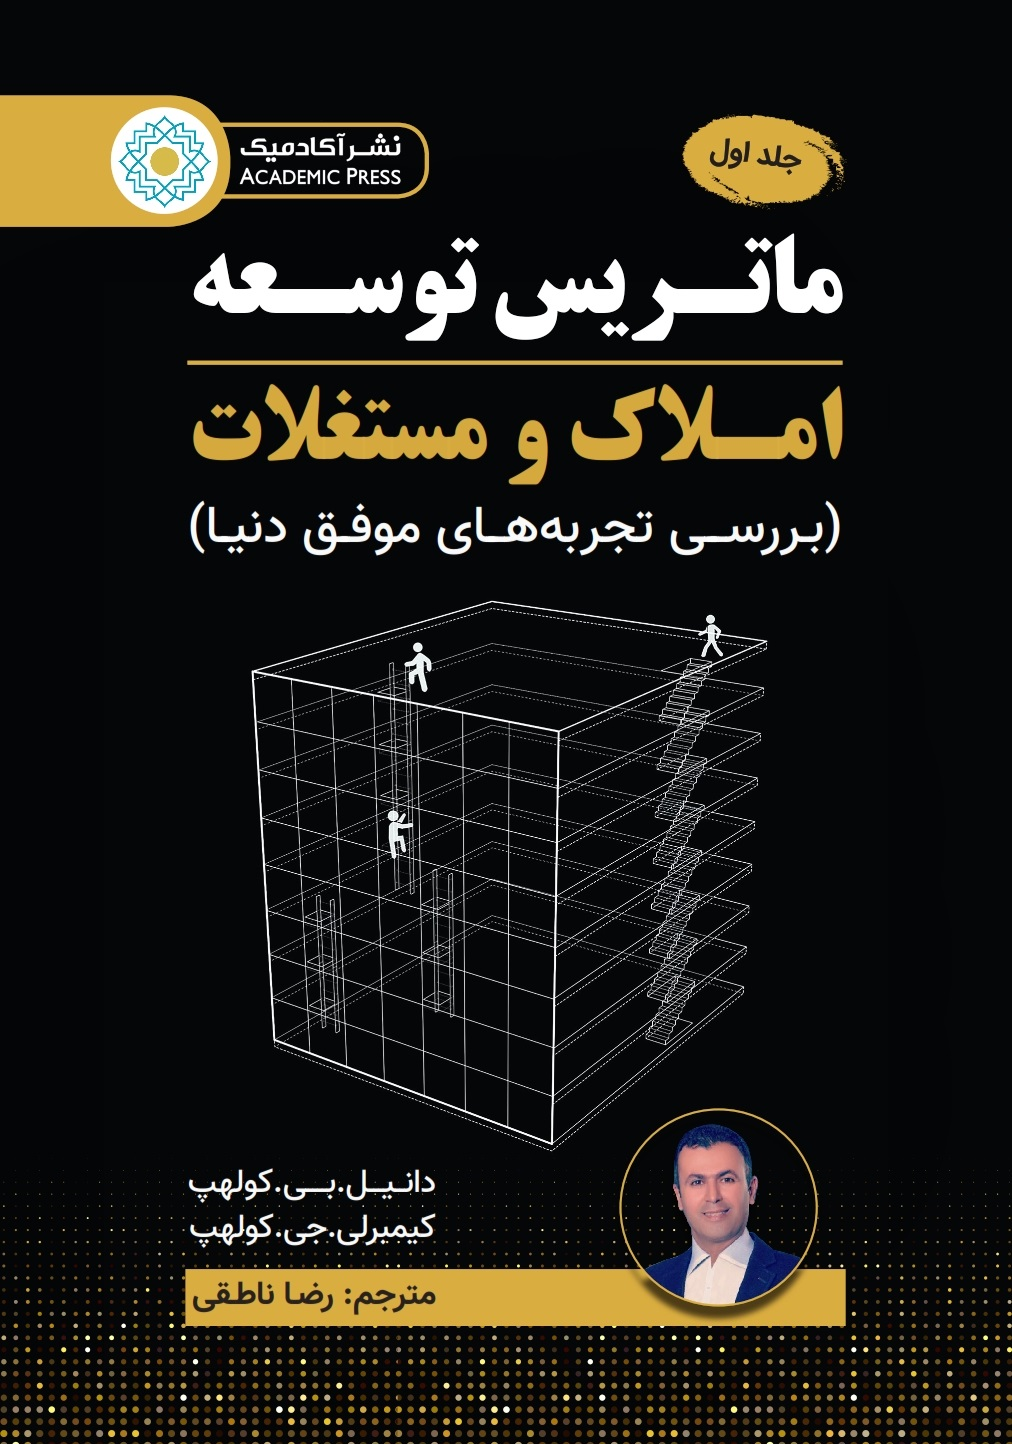 """کتاب """"ماتریس توسعهی املاک و مستغلات""""/ بررسی تجارب حرفه ای و موفق جهان در صنعت املاک و مستغلات"""